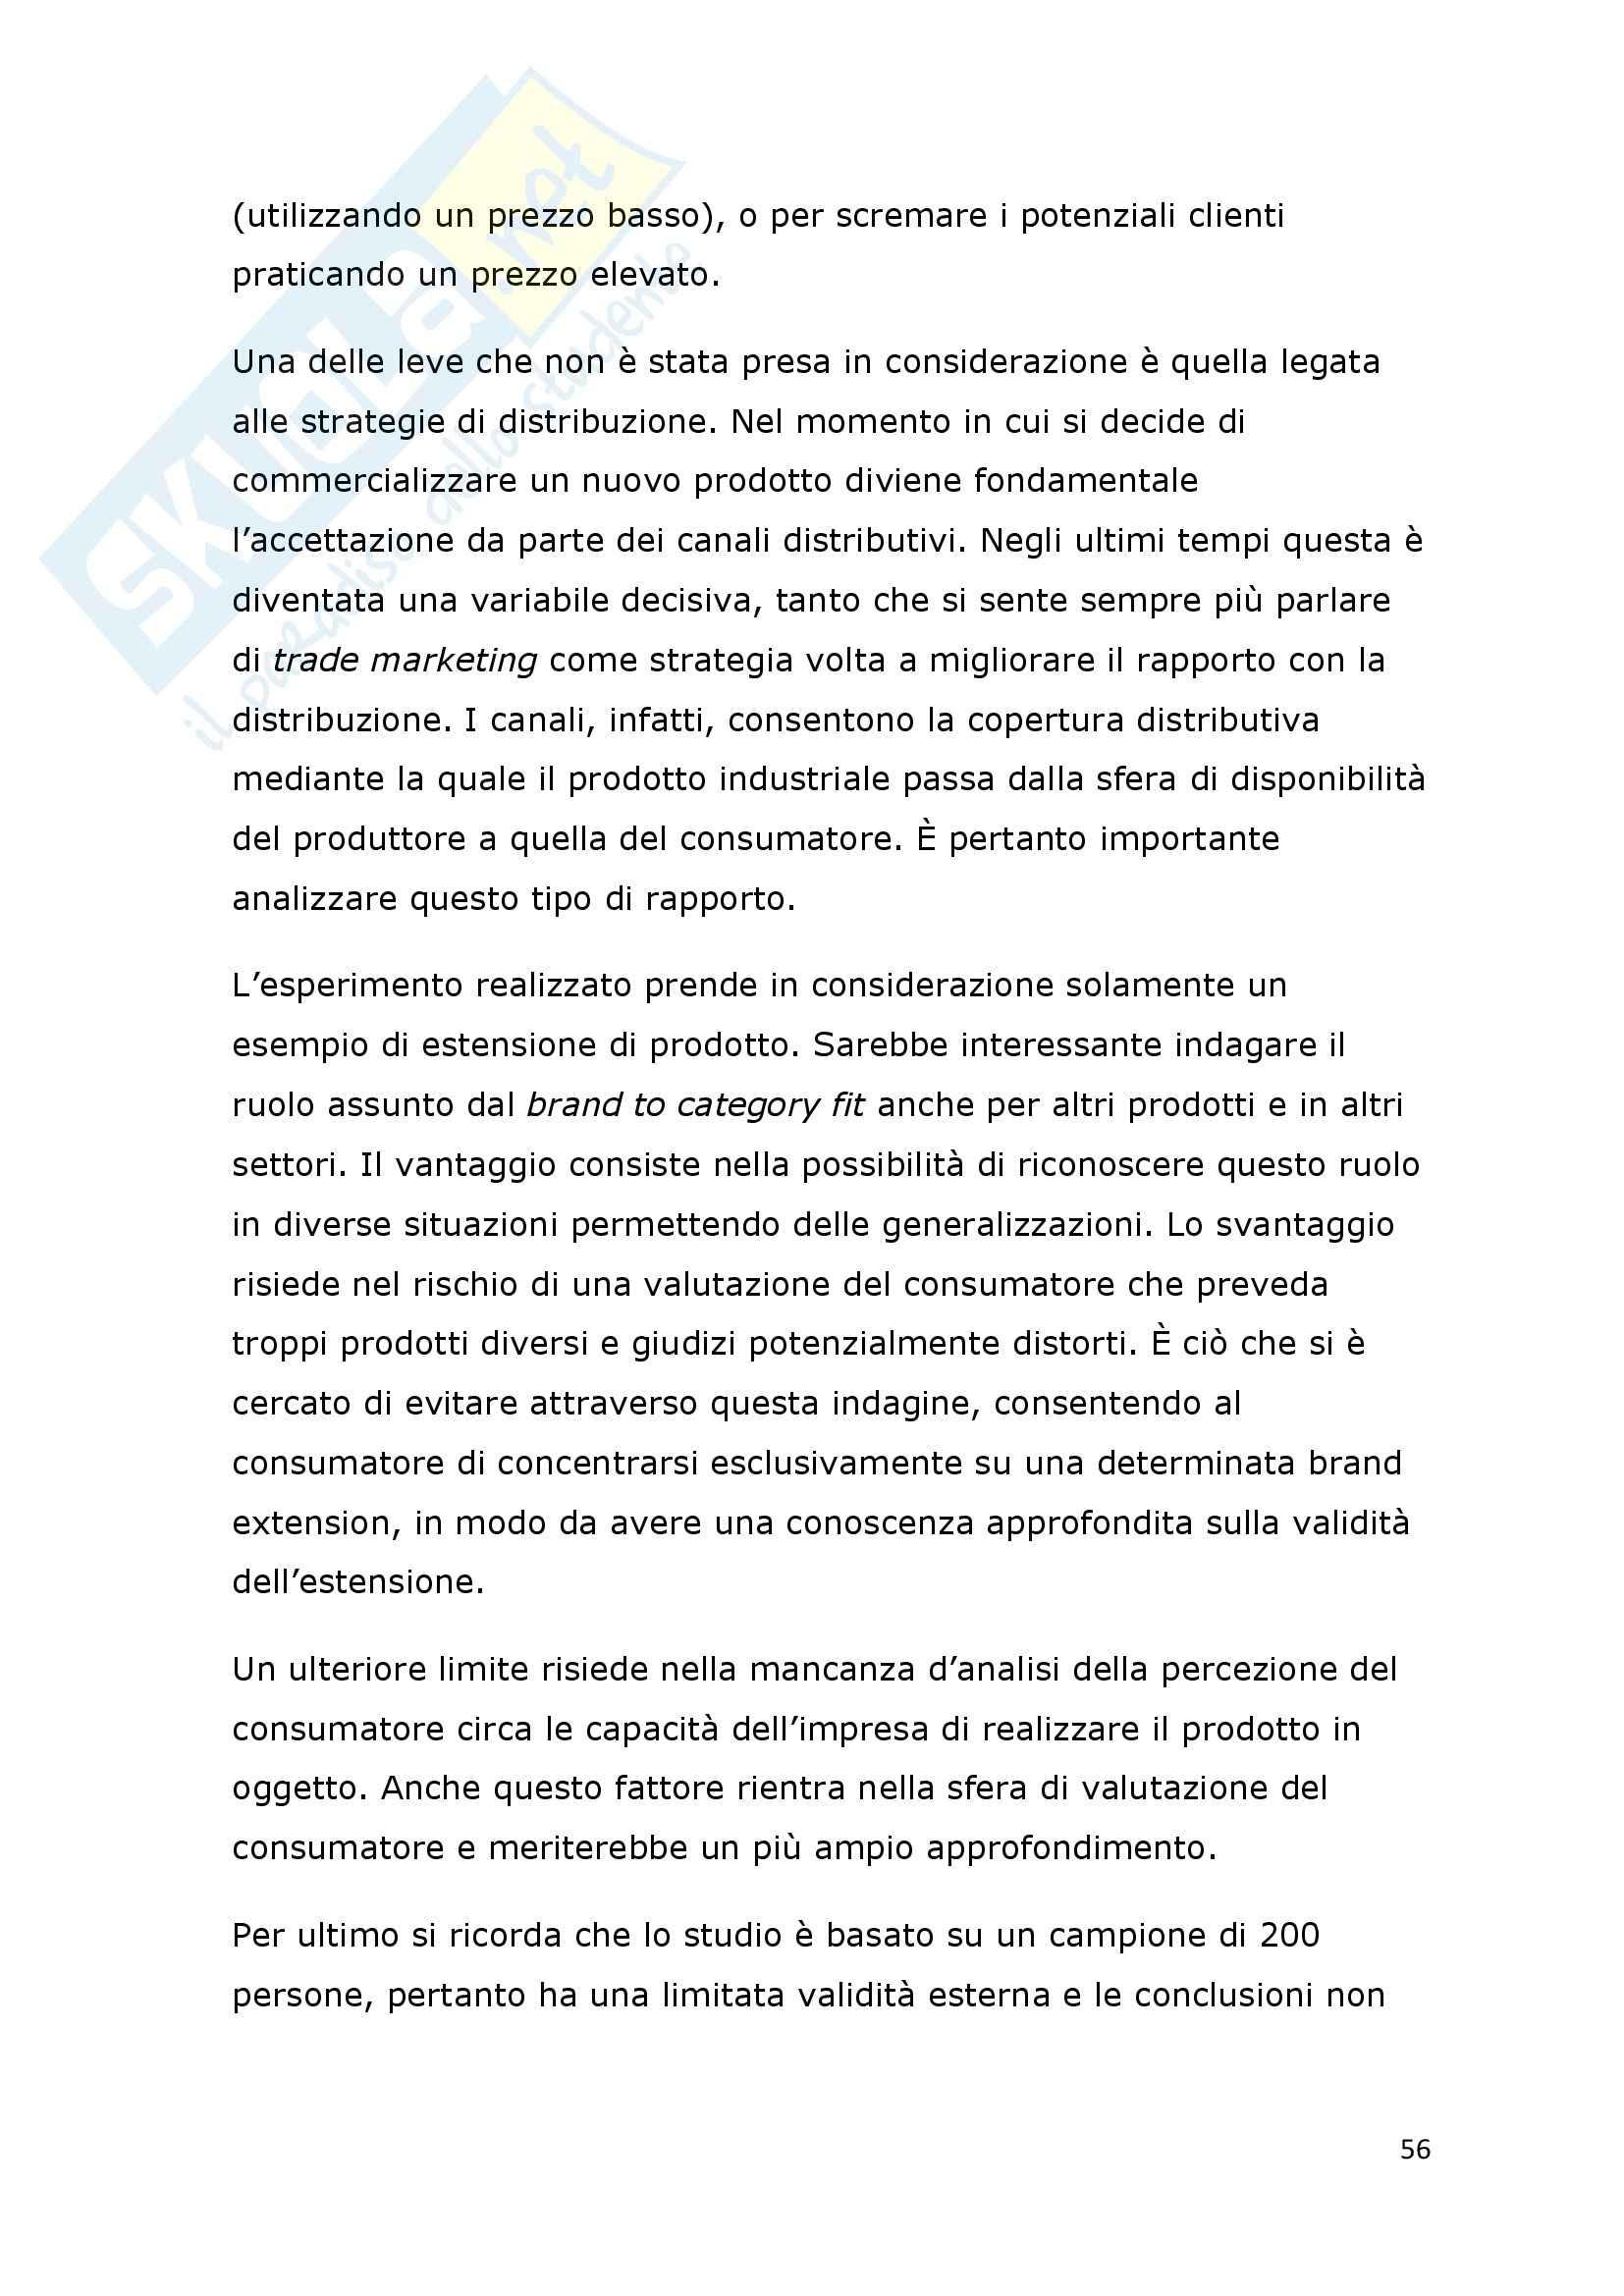 Tesi - I fattori di successo della brand extension: il ruolo del brand to category fit – il caso Callipo Pag. 56